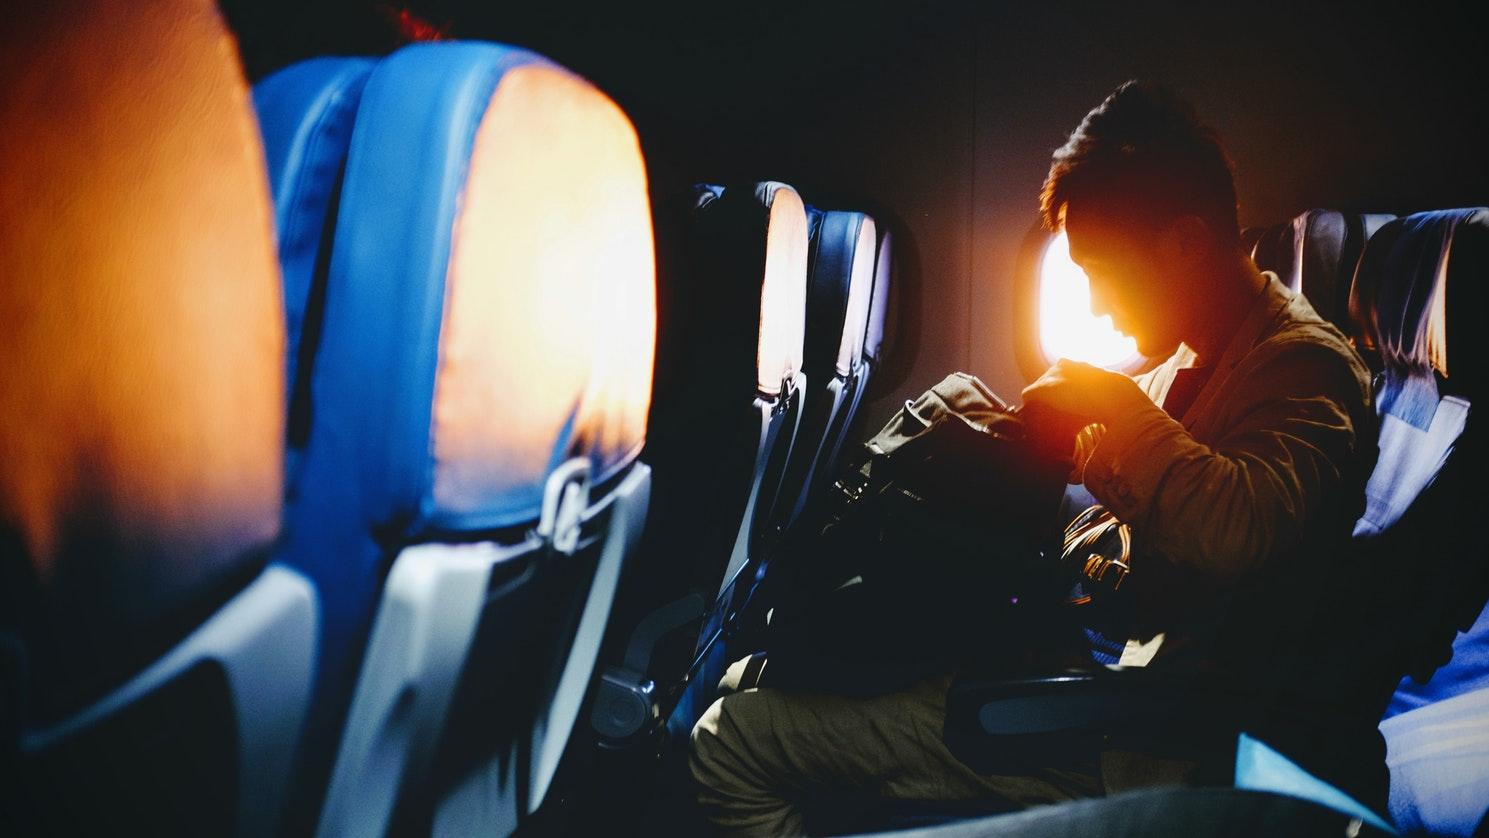 اشیای ممنوعه در کابین هواپیما را بشناسید